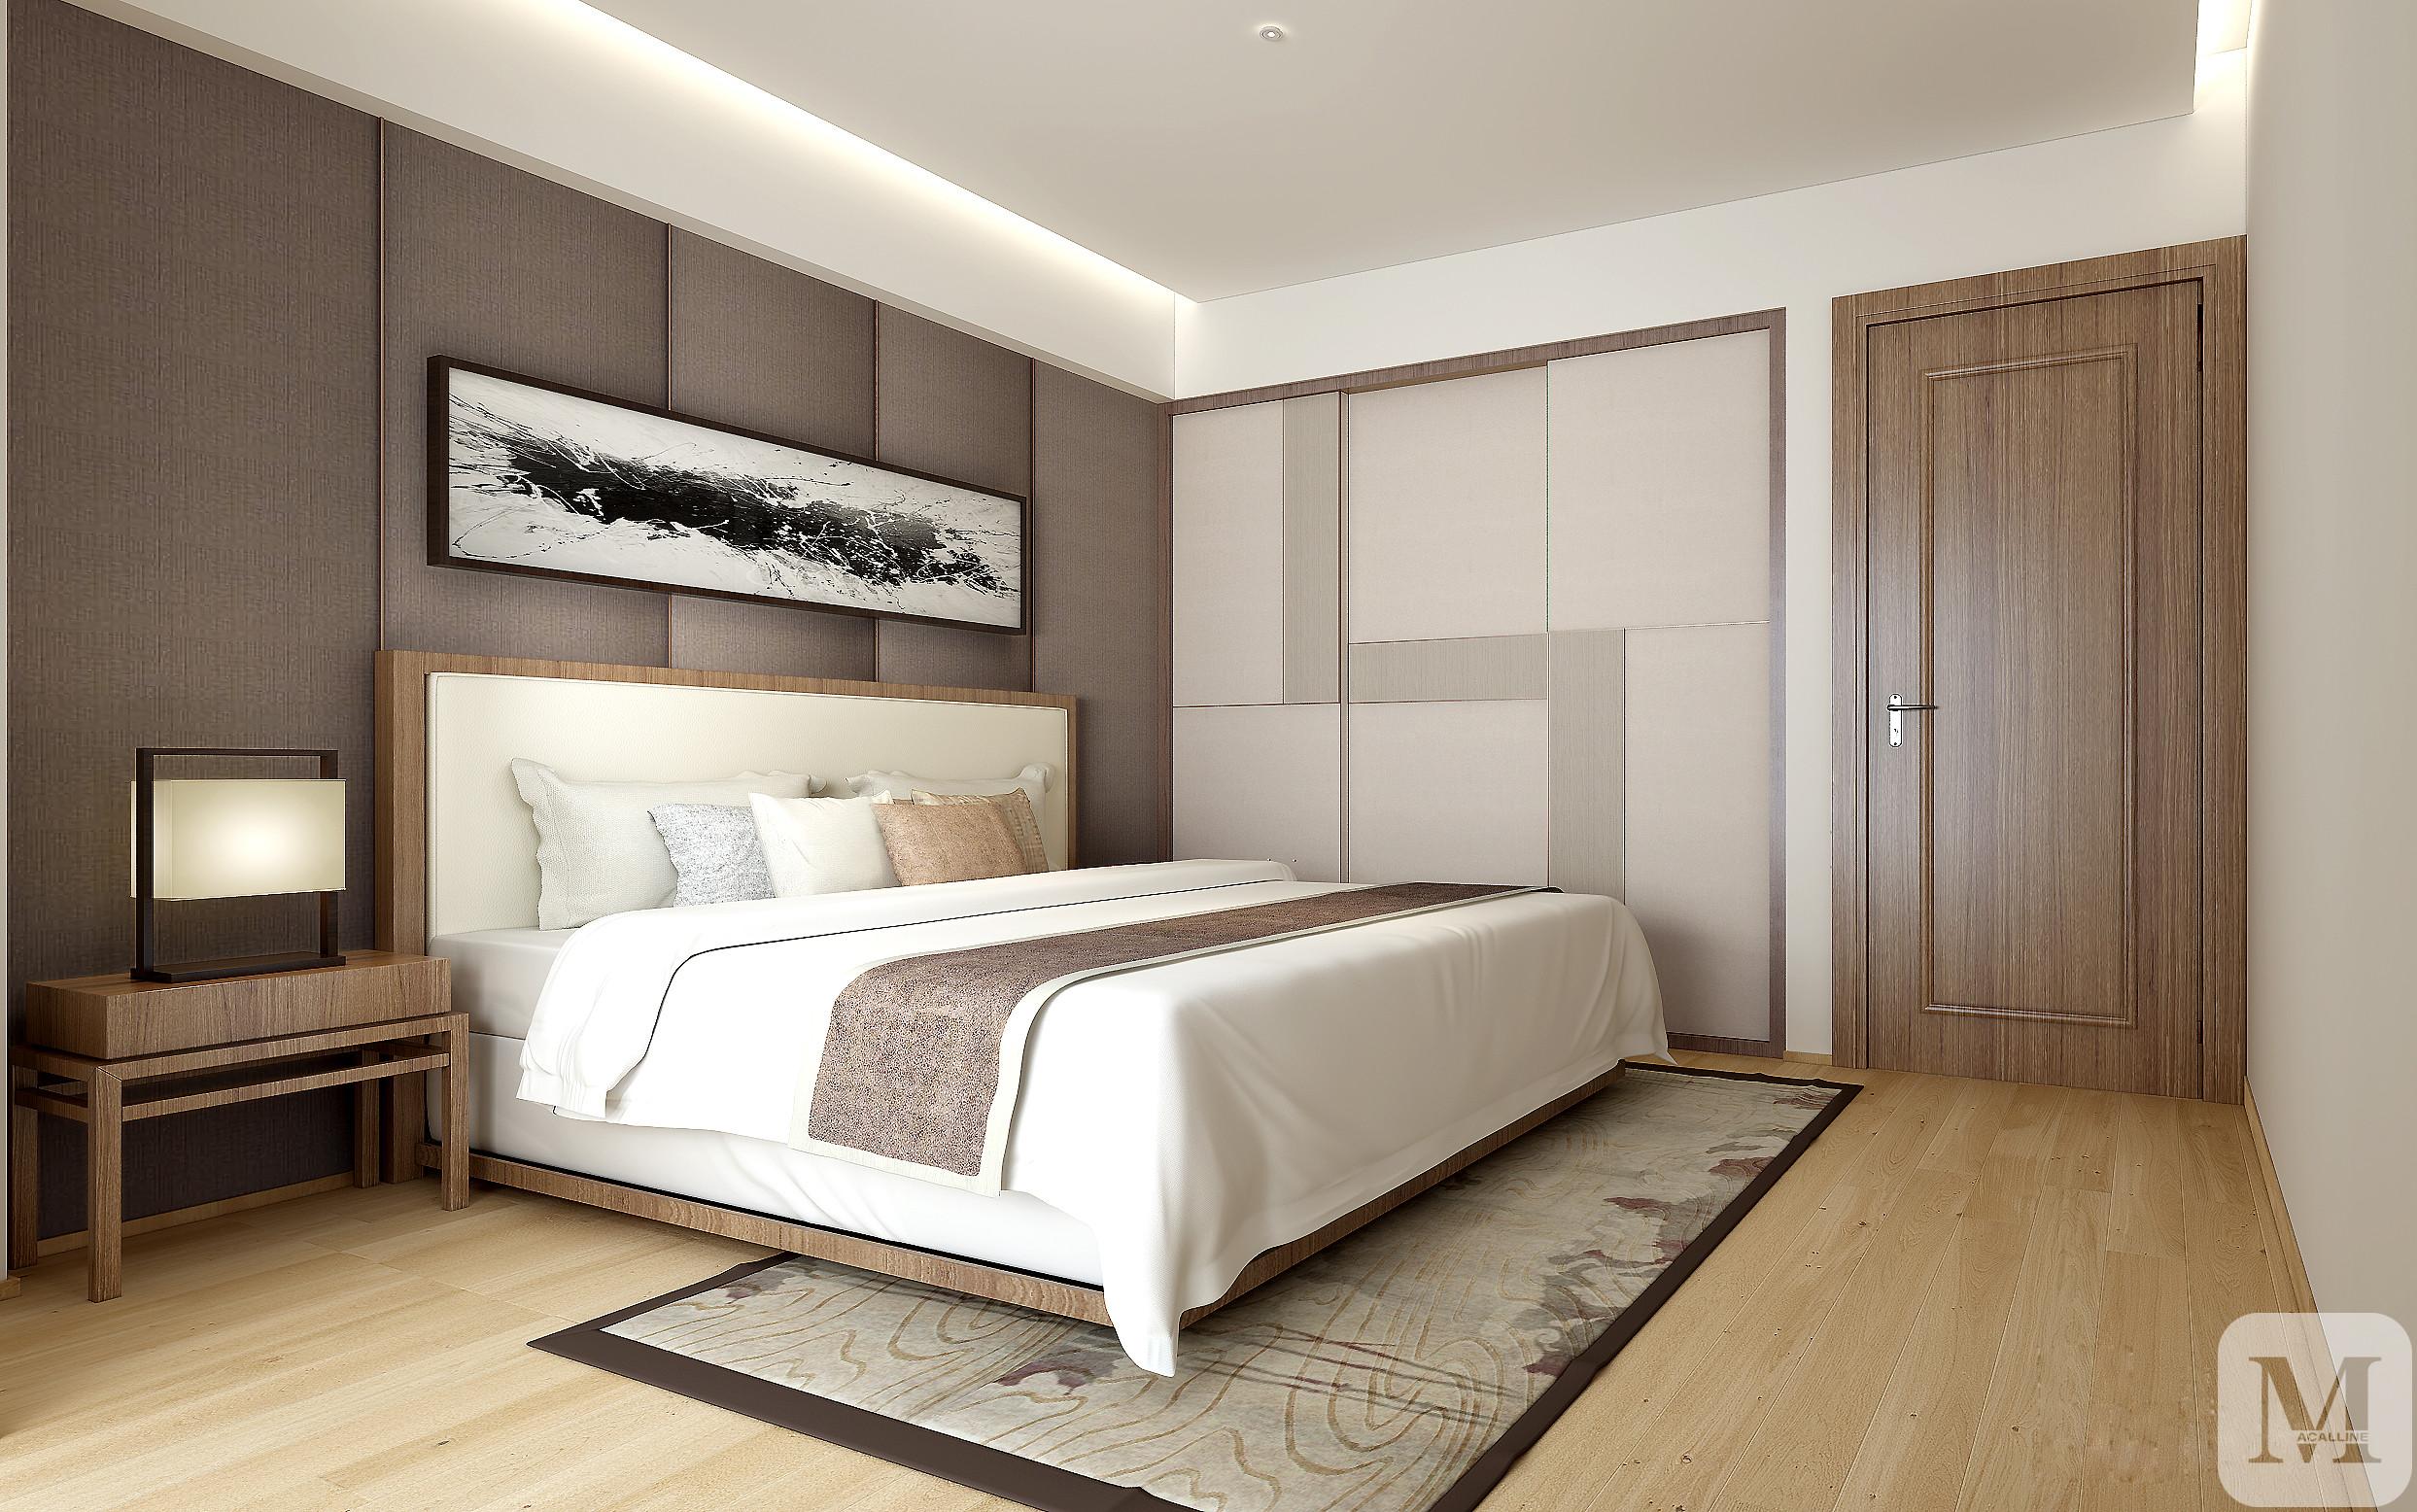 4008-213-213转2 图片信息 作品名称:中式卧室衣柜装修效果图 格式:jp